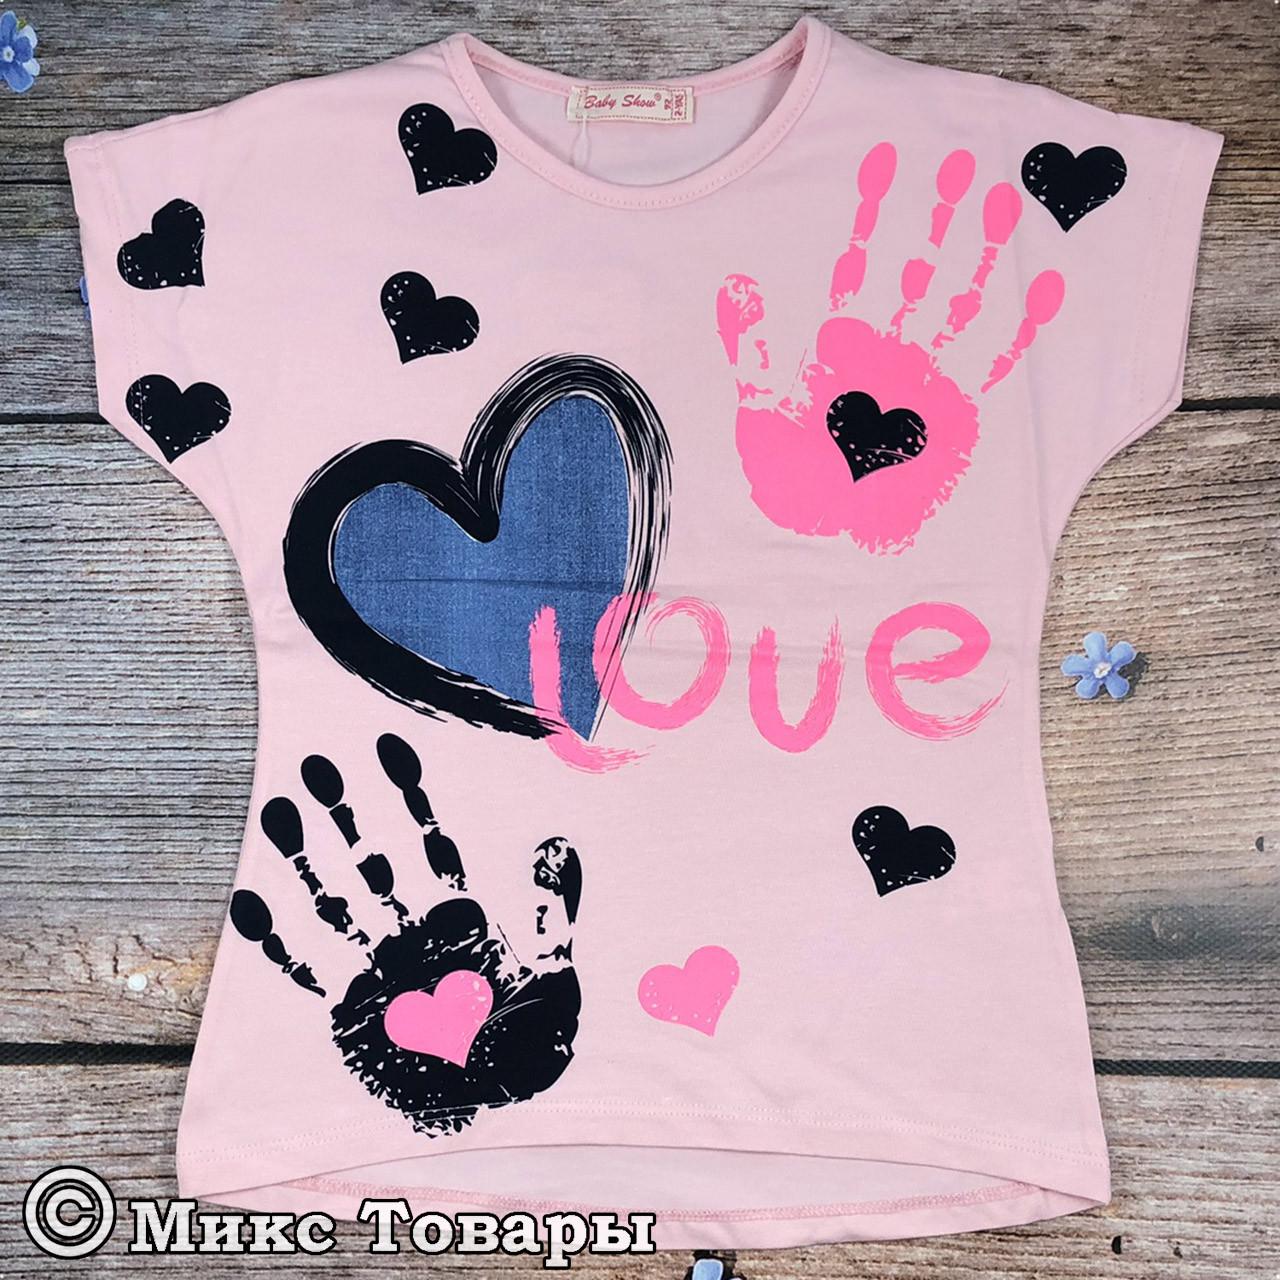 Детская футболка розового цвета Размеры: 92,98,104,110 см (8097-2)